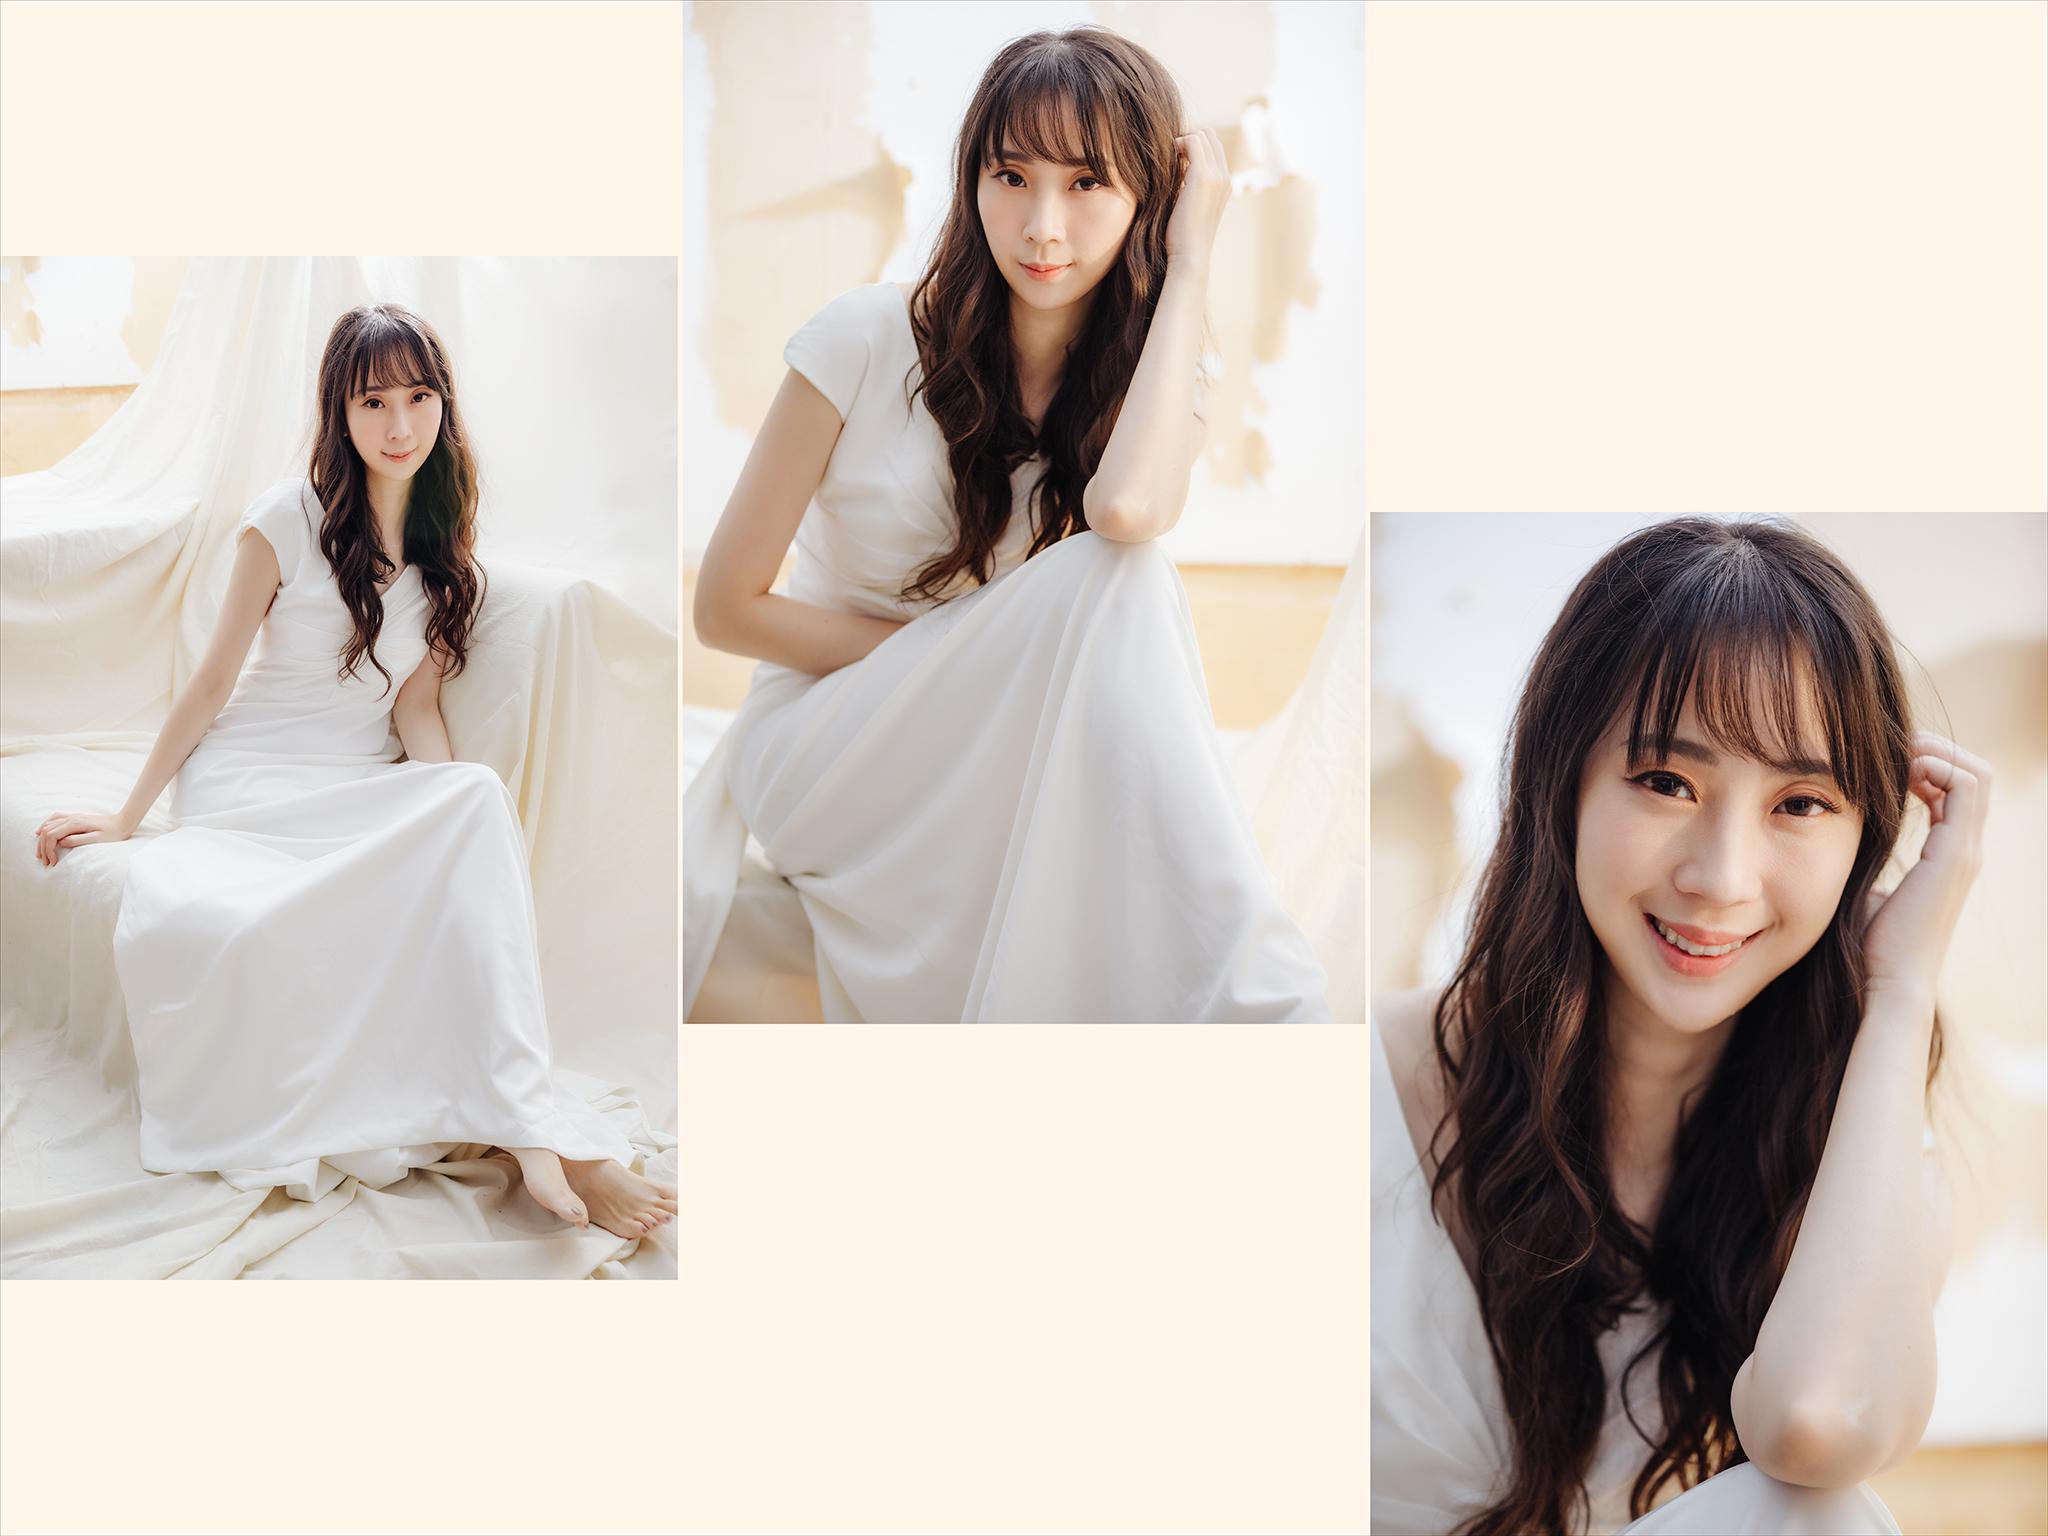 50660016506 ab3b7261af o - 【自主婚紗】+Melody+